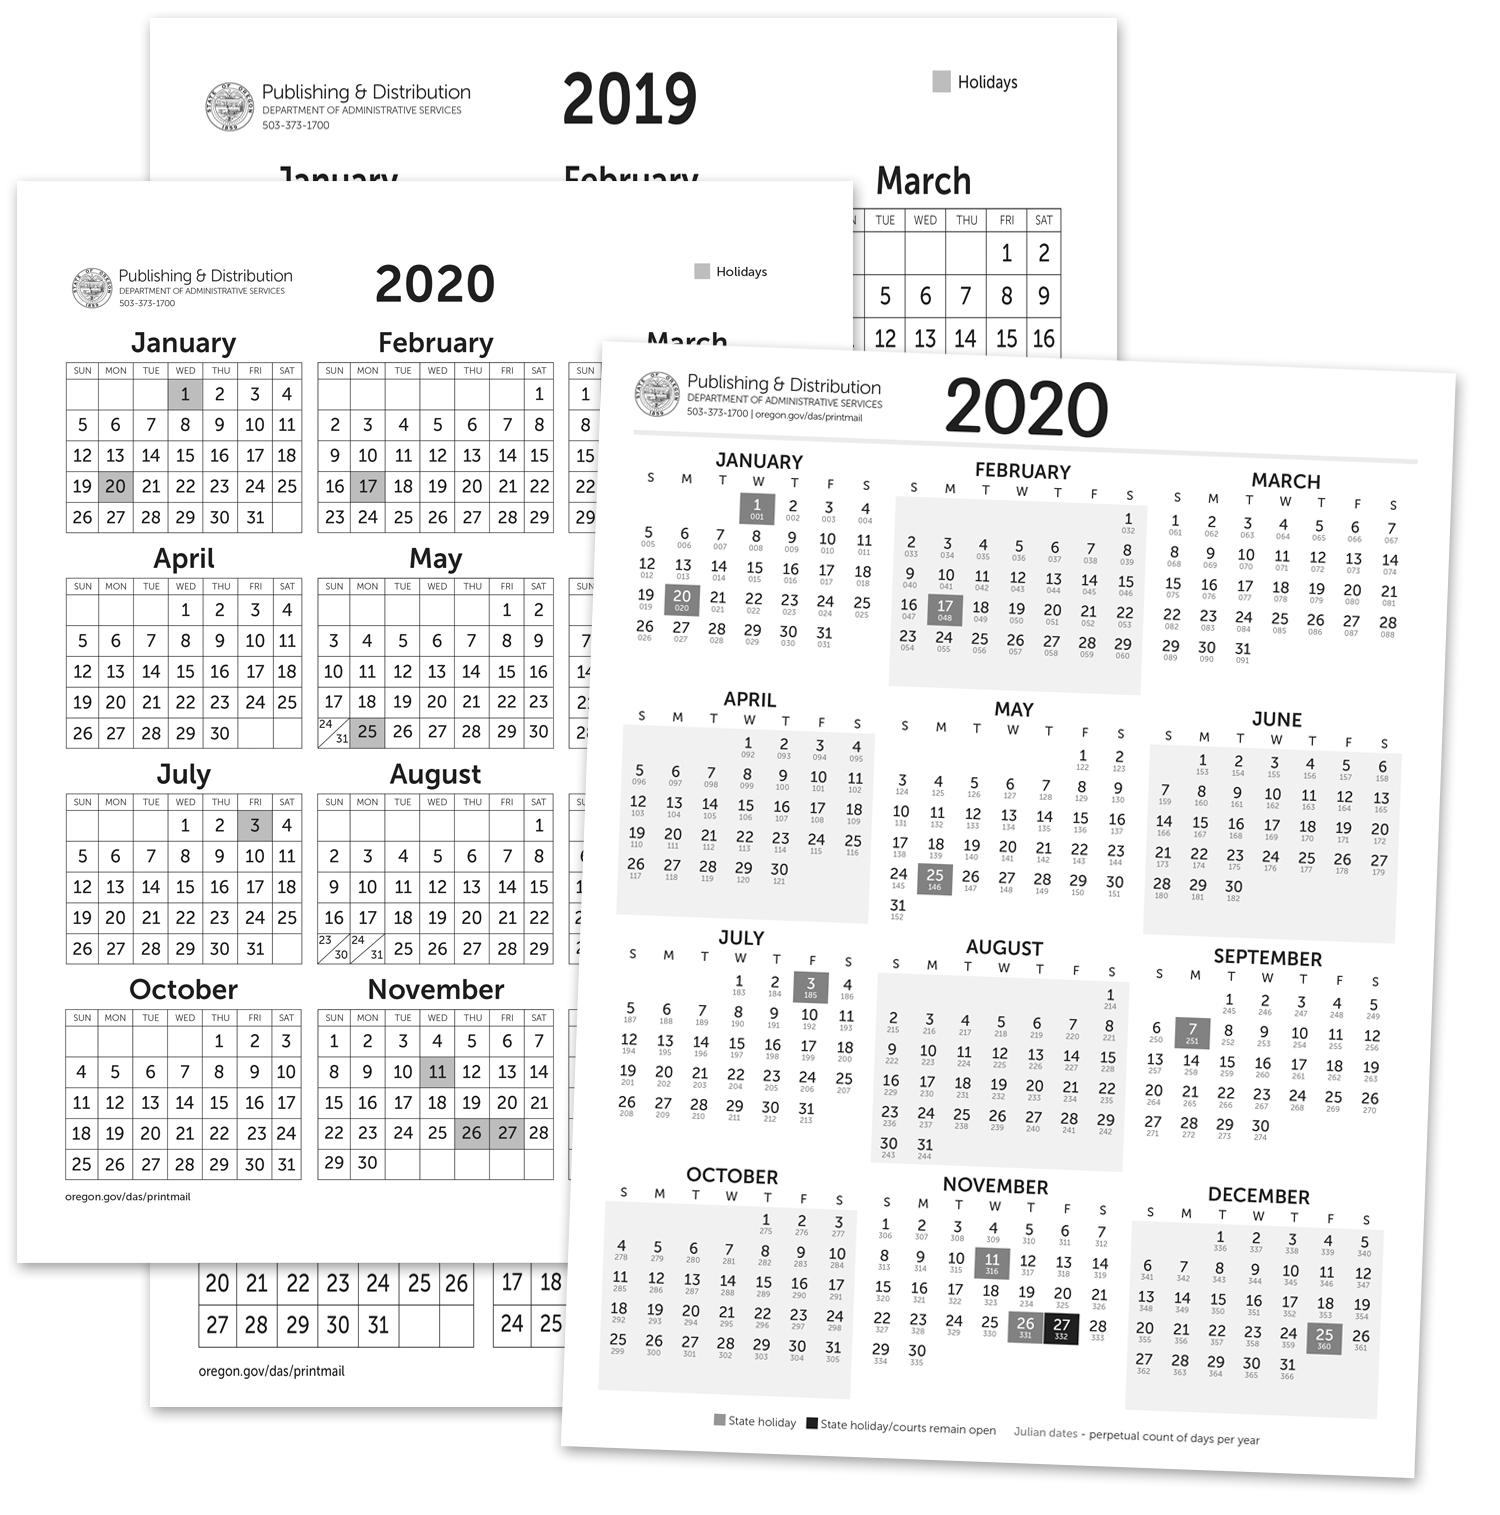 Bangla Calendar 2019 Pdf  Google Search for Berkeley 2020-2020 Calendar